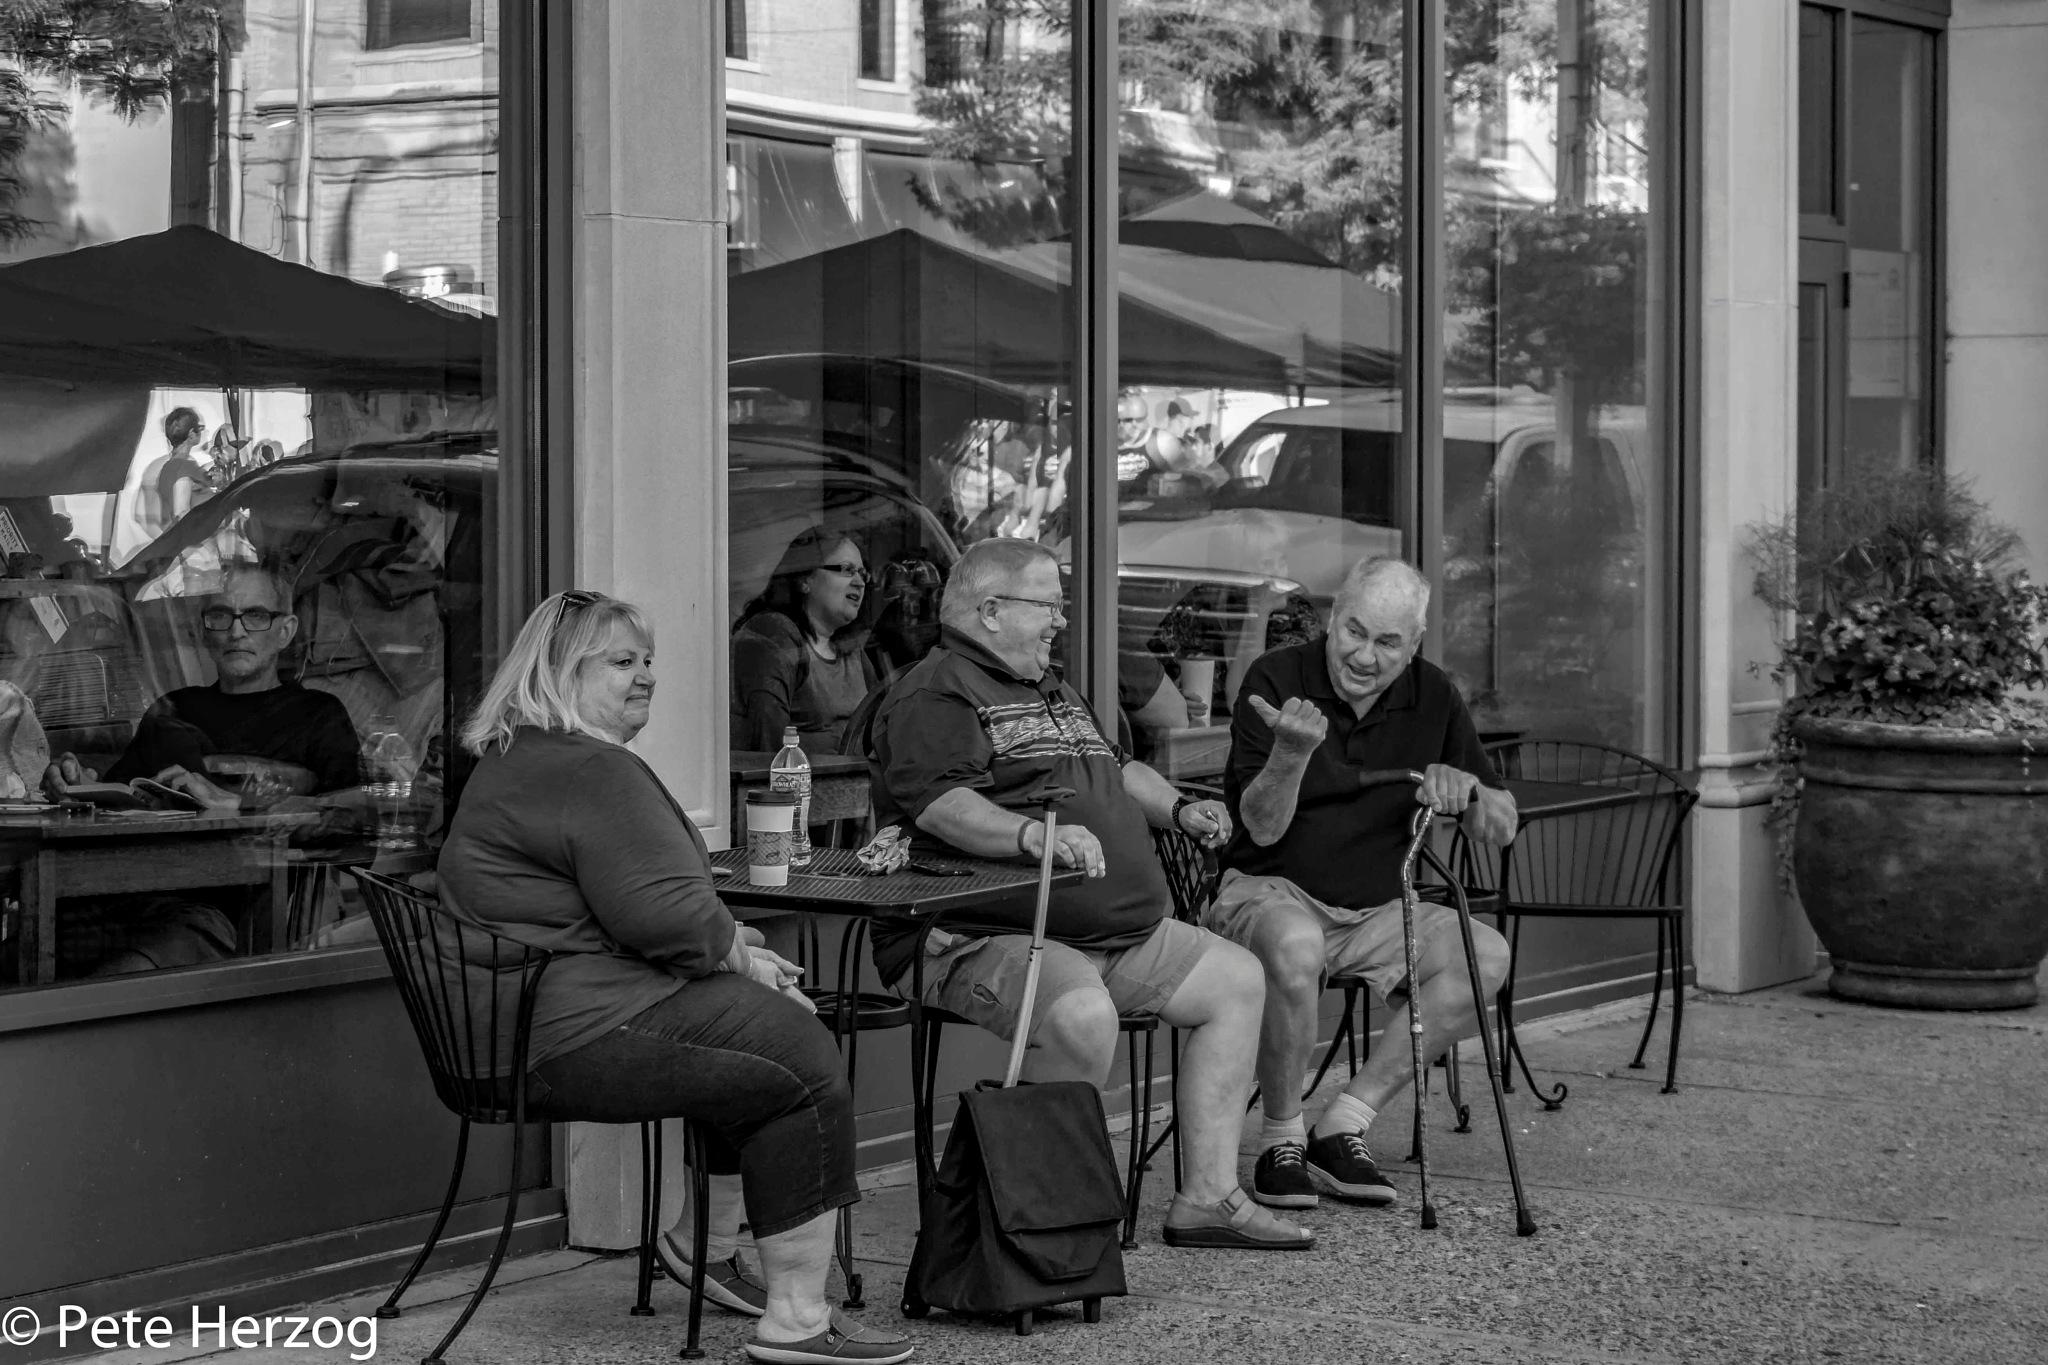 People Taking a Break by peter.herzog.3323